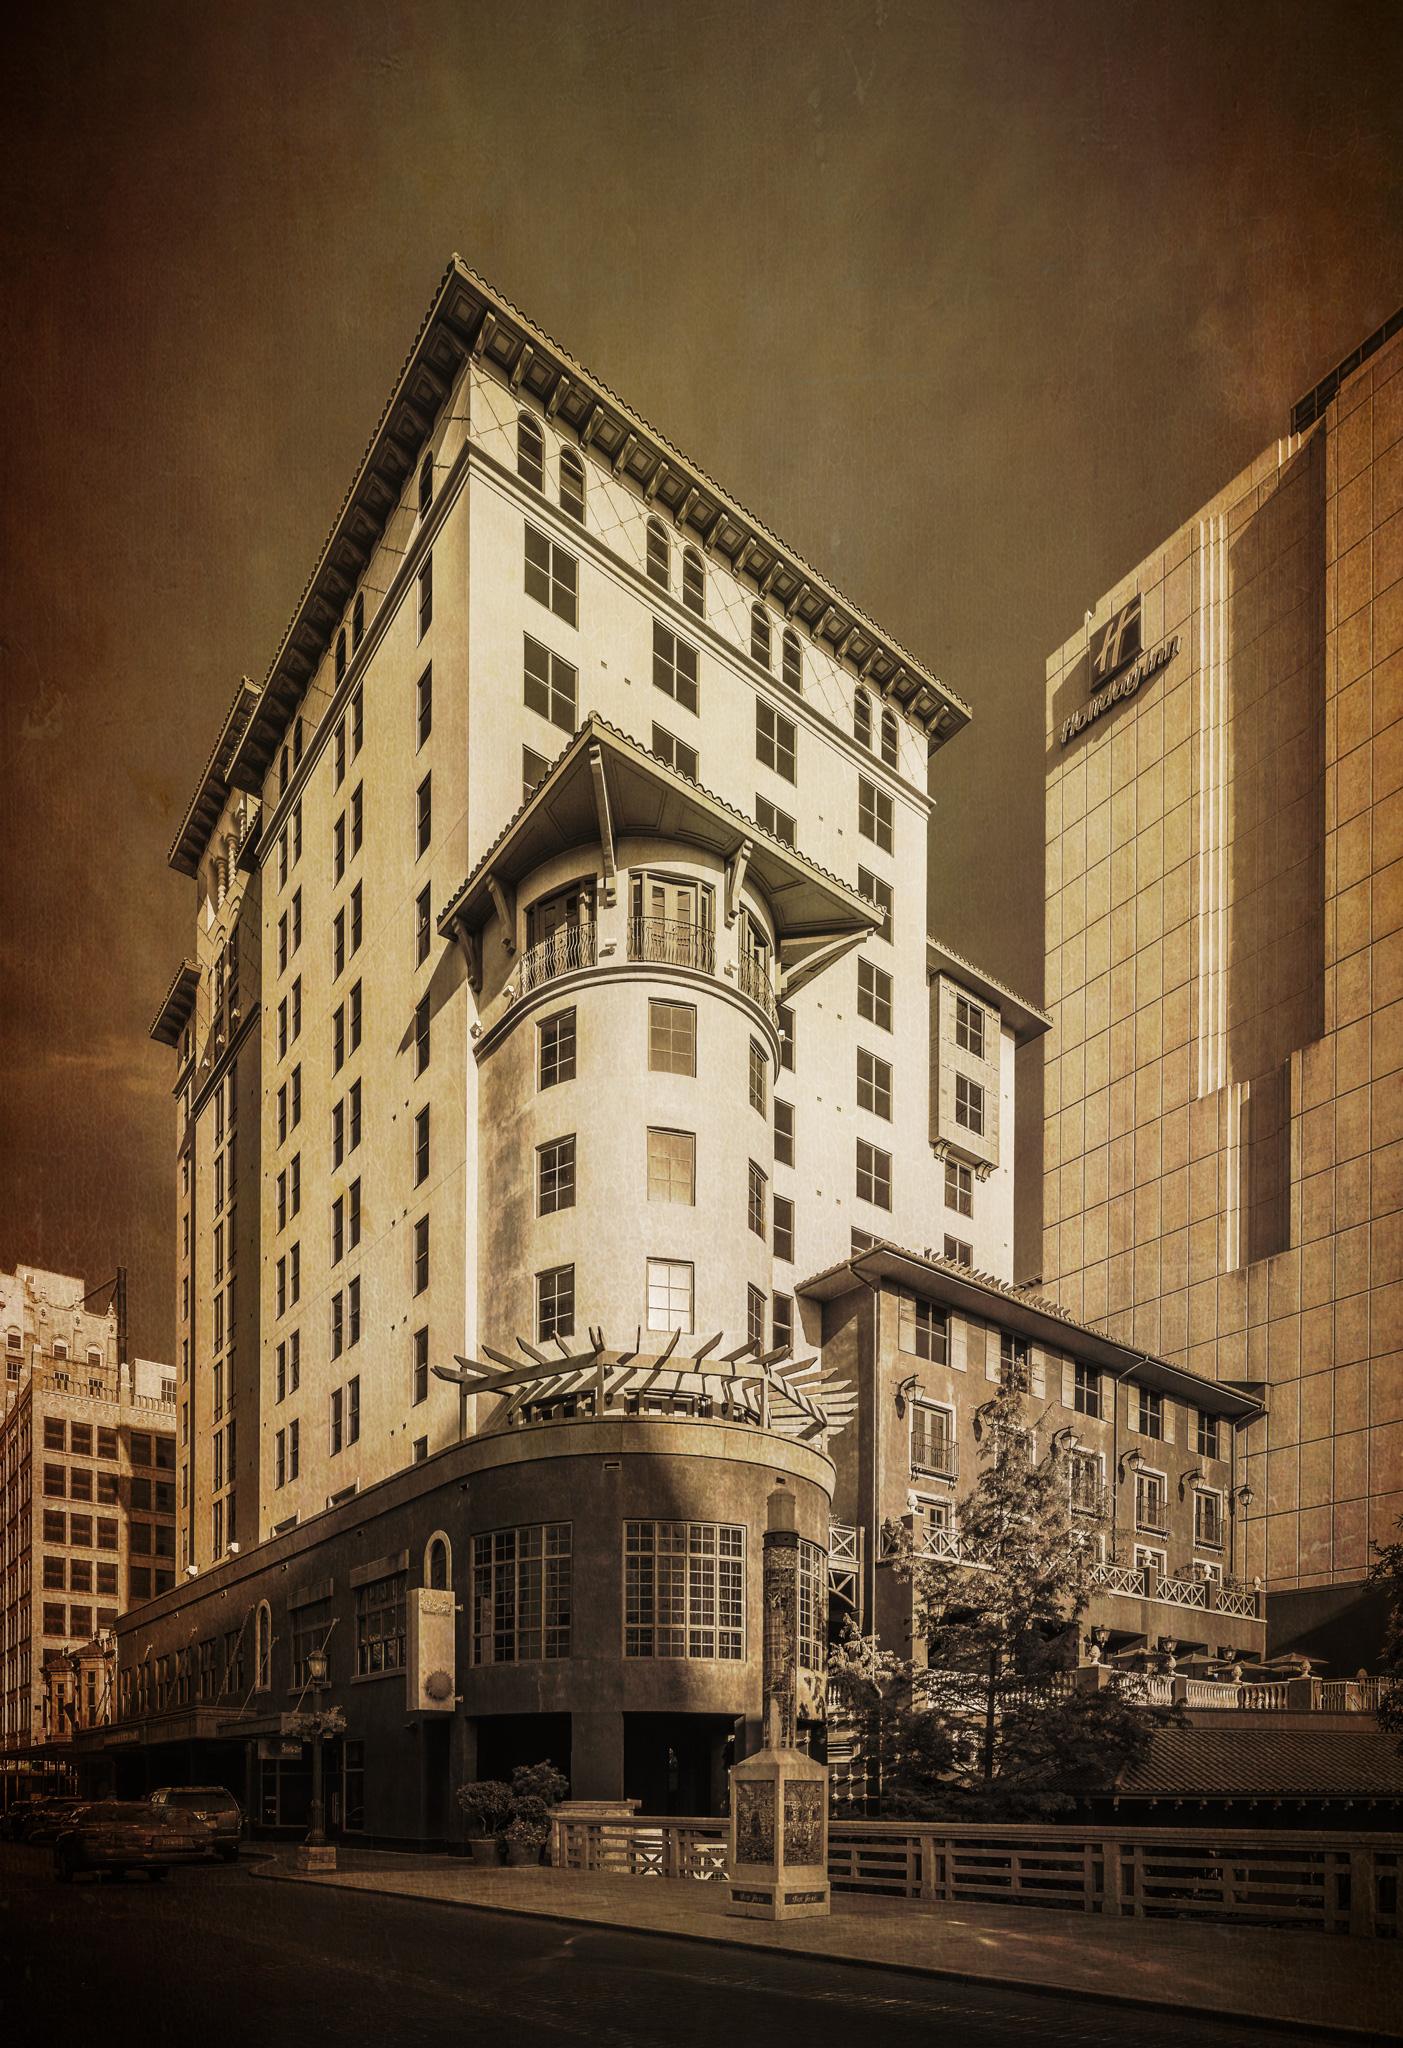 Hotel Valencia - Aged